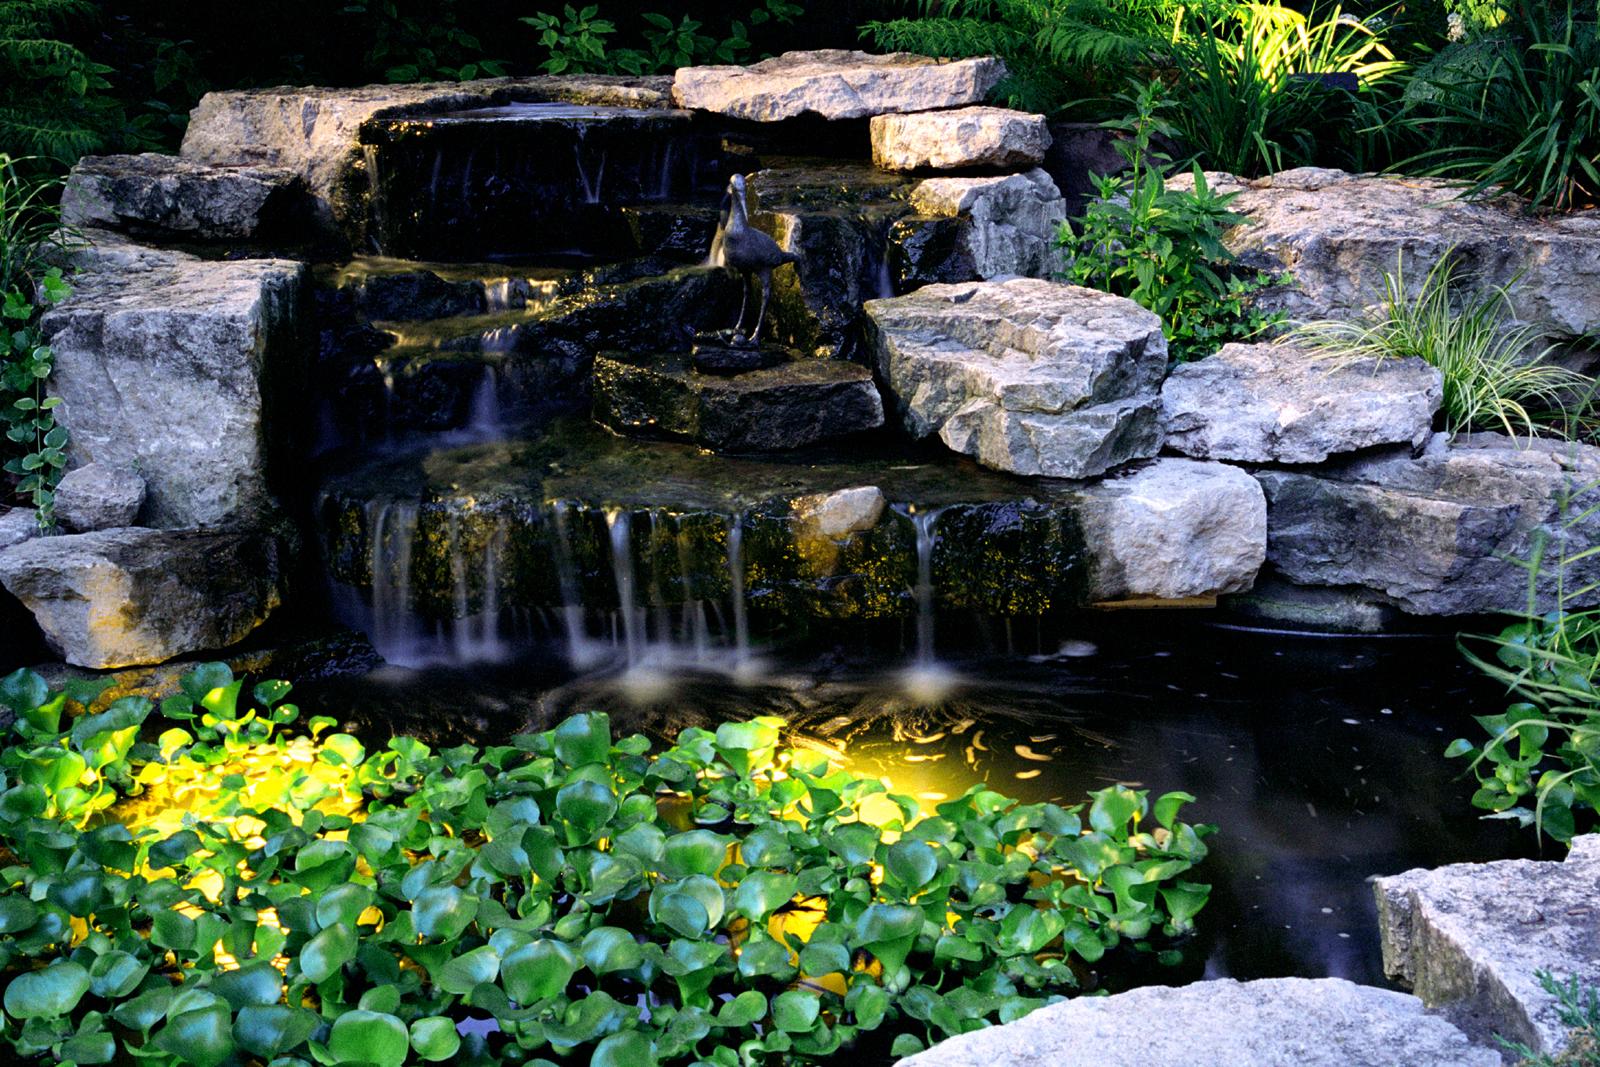 Brunnen, Wasserspiele Und Quellsteine. Wasserspiele Für Ein Harmonisches  Gartenkonzept